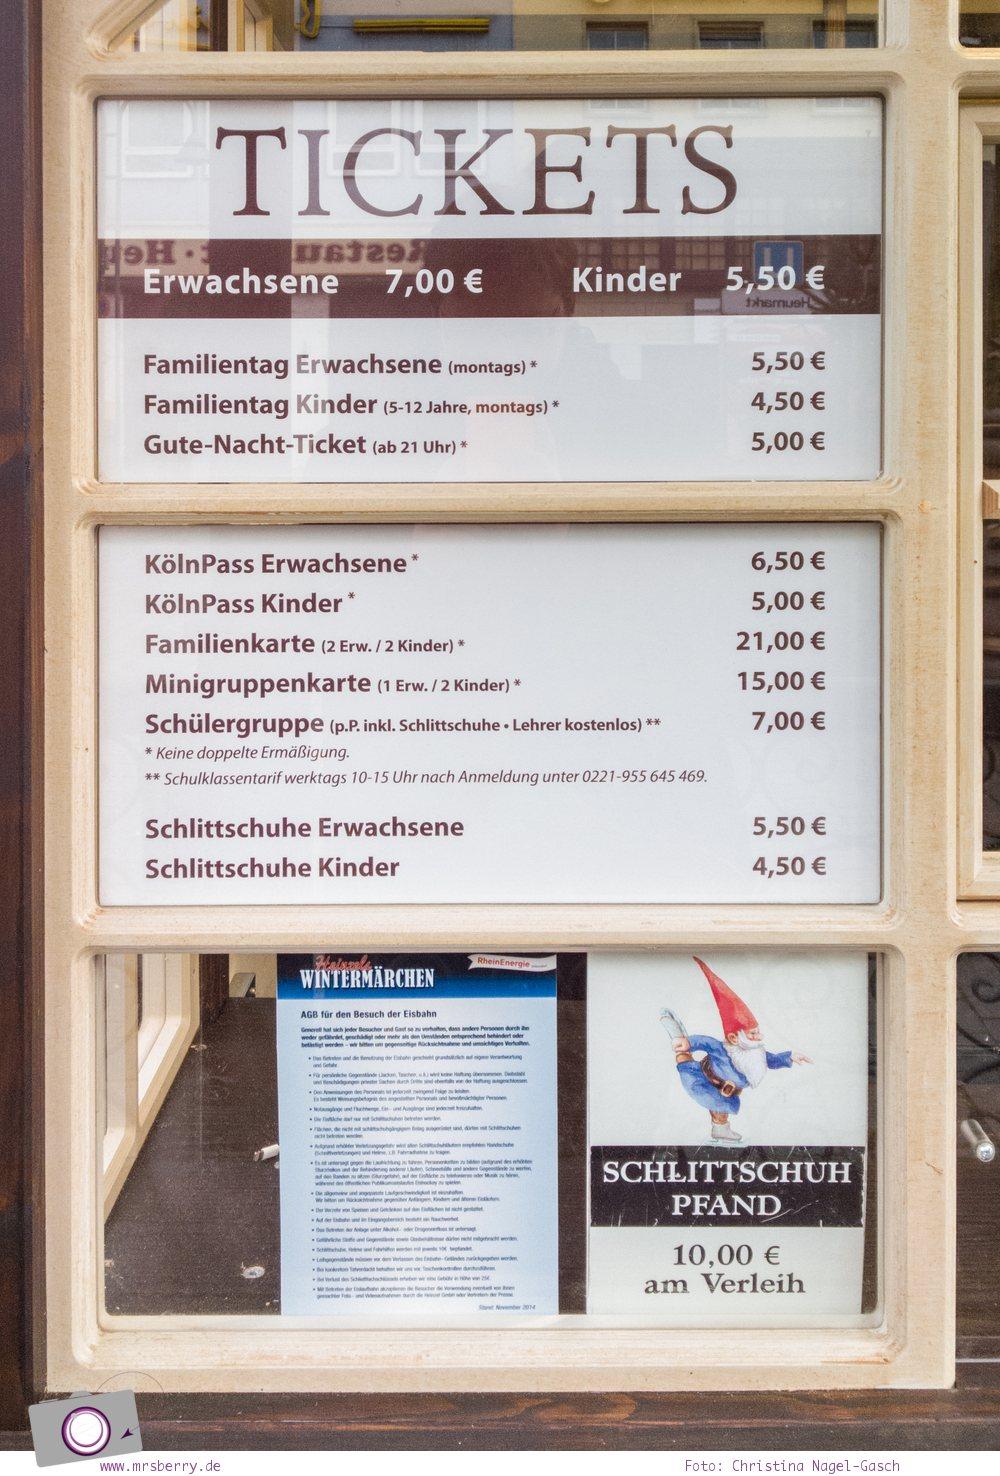 Eislaufen auf dem Weihnachtsmarkt in der Kölner Altstadt - Preise zum Schlittschulaufen